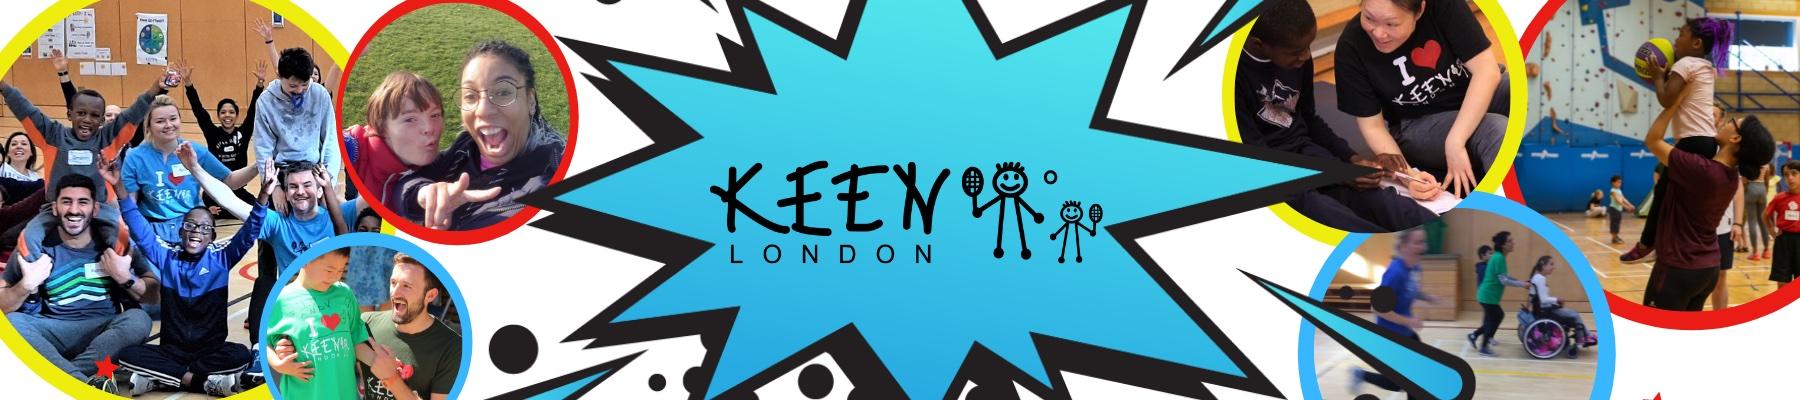 KEEN London